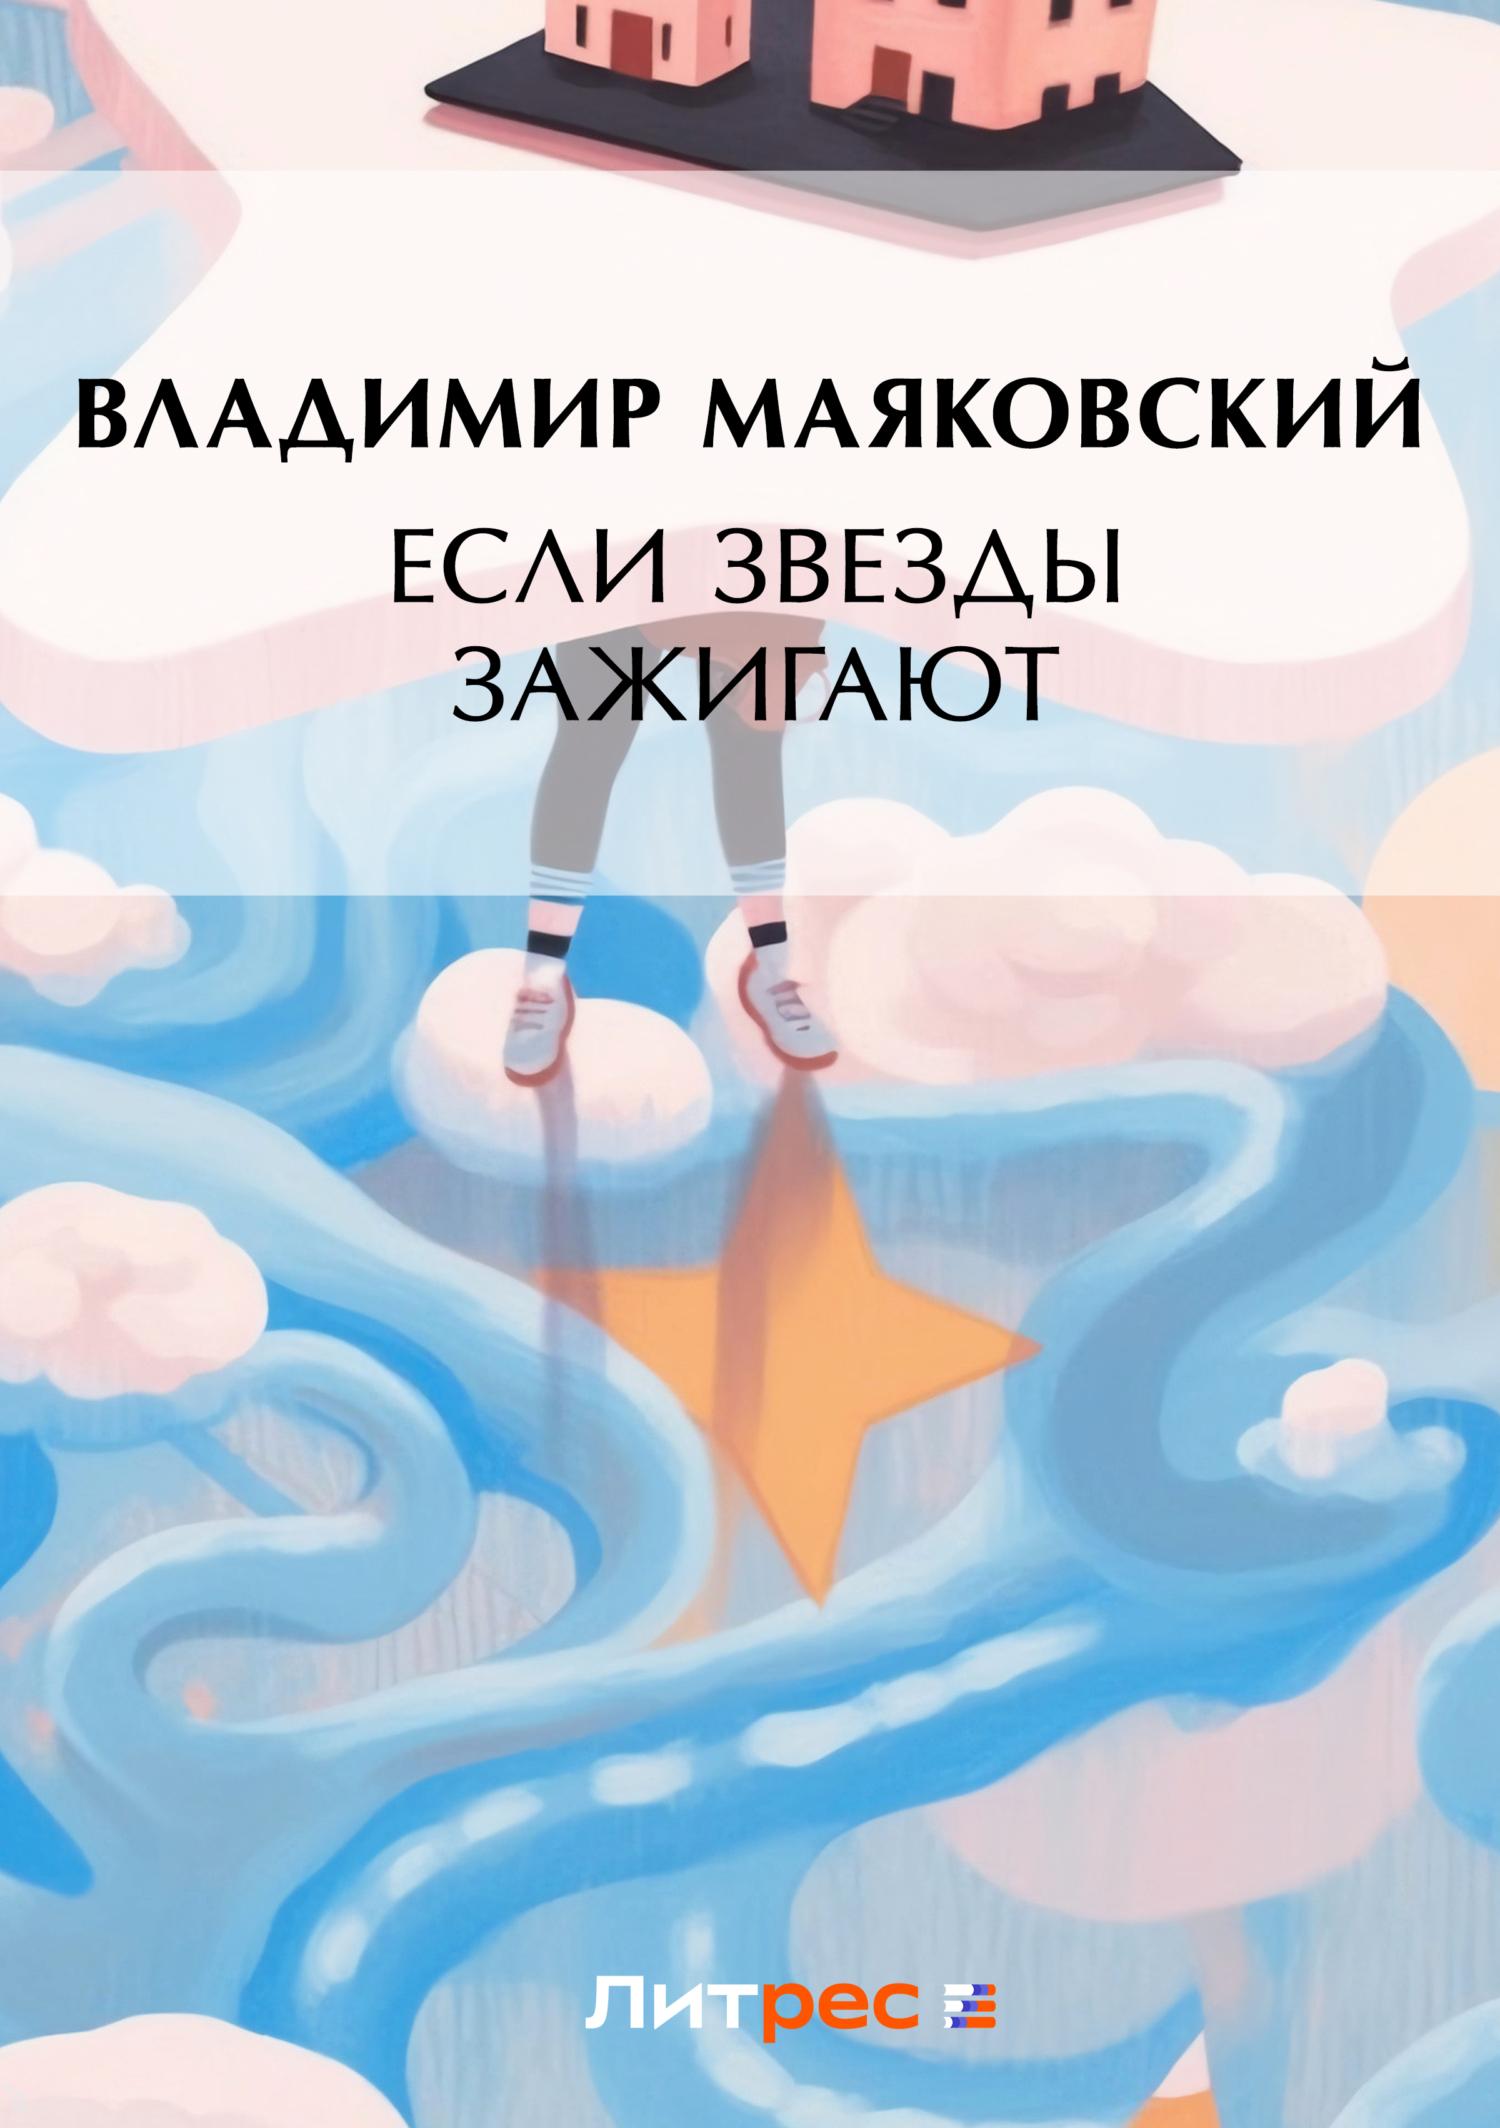 Владимир Маяковский Если звезды зажигают (сборник) ноктюрн пифагора